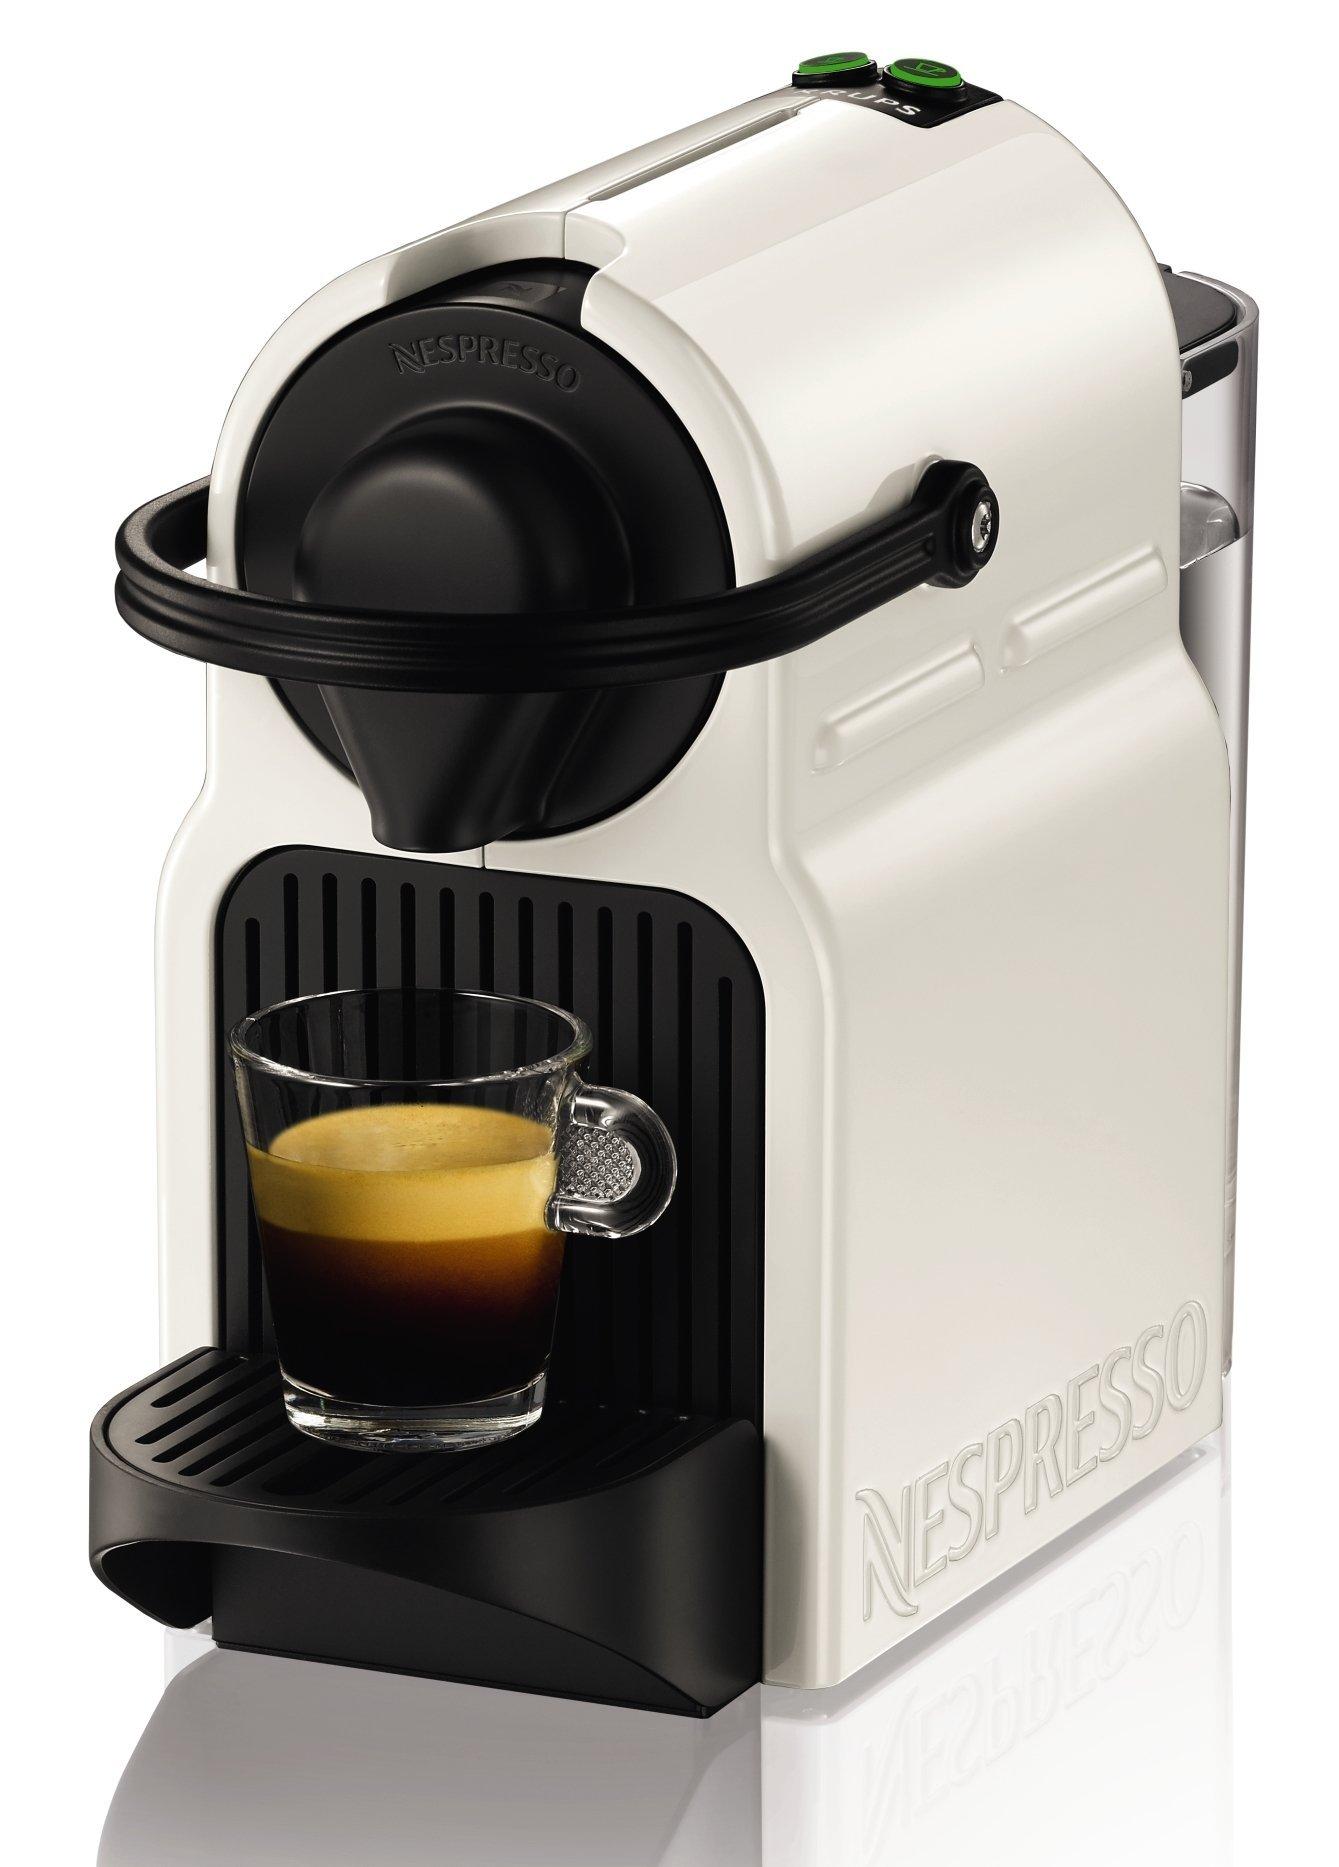 Nespresso Krups Inissia XN1001 - Cafetera monodosis de cápsulas Nespresso, 19 bares, apagado automático, color blanco product image